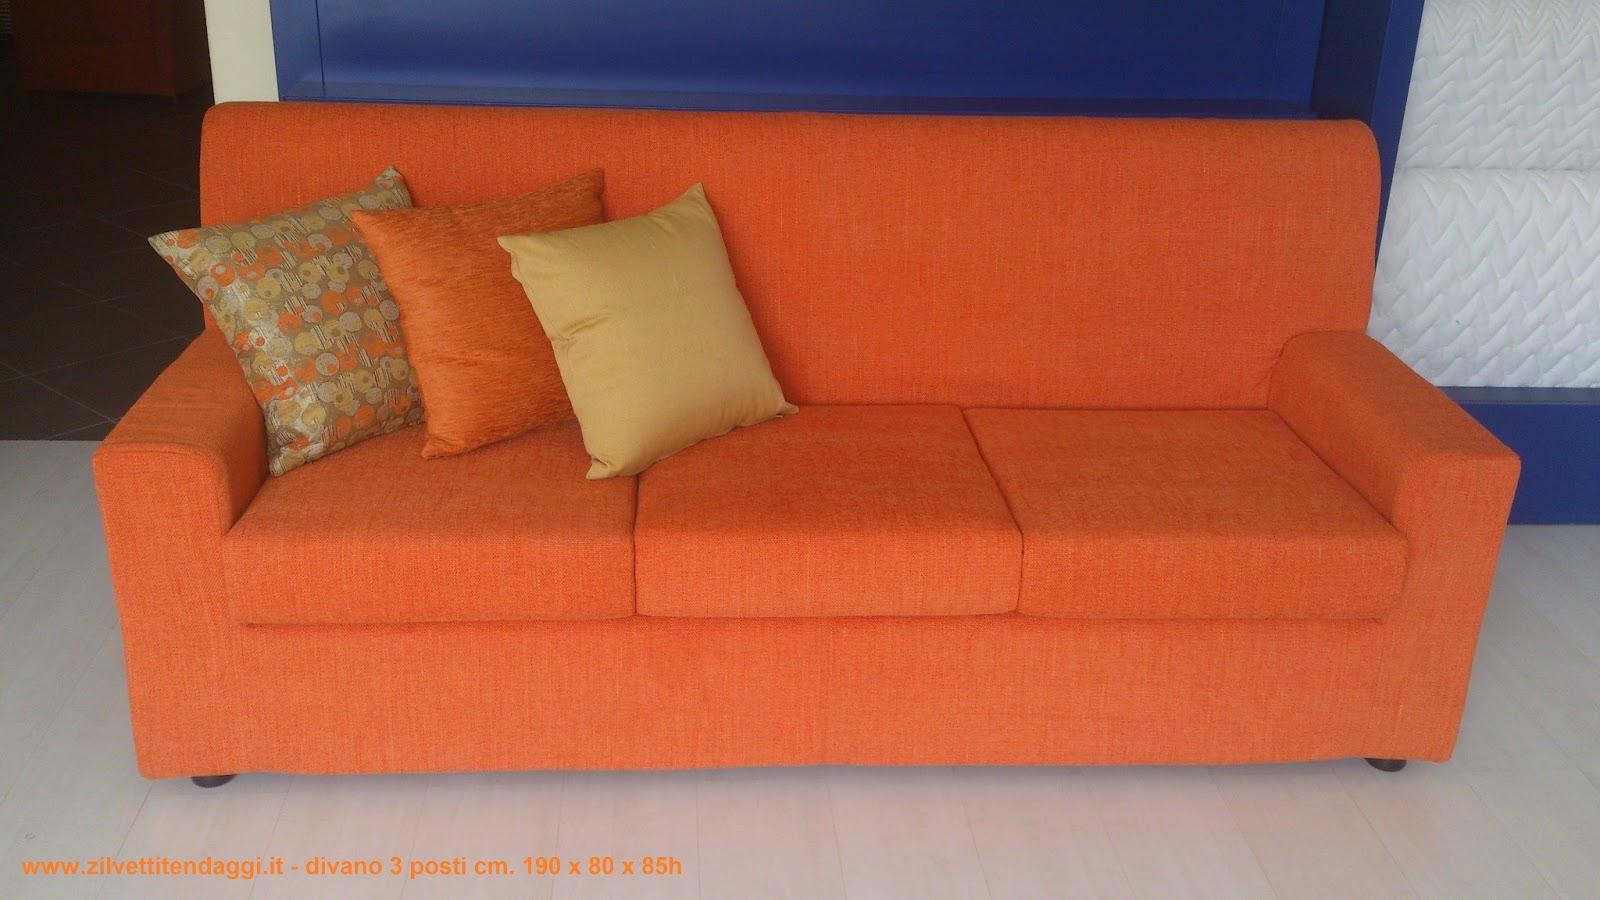 Divano letto posti prezzi motivi per scegliere un divano letto